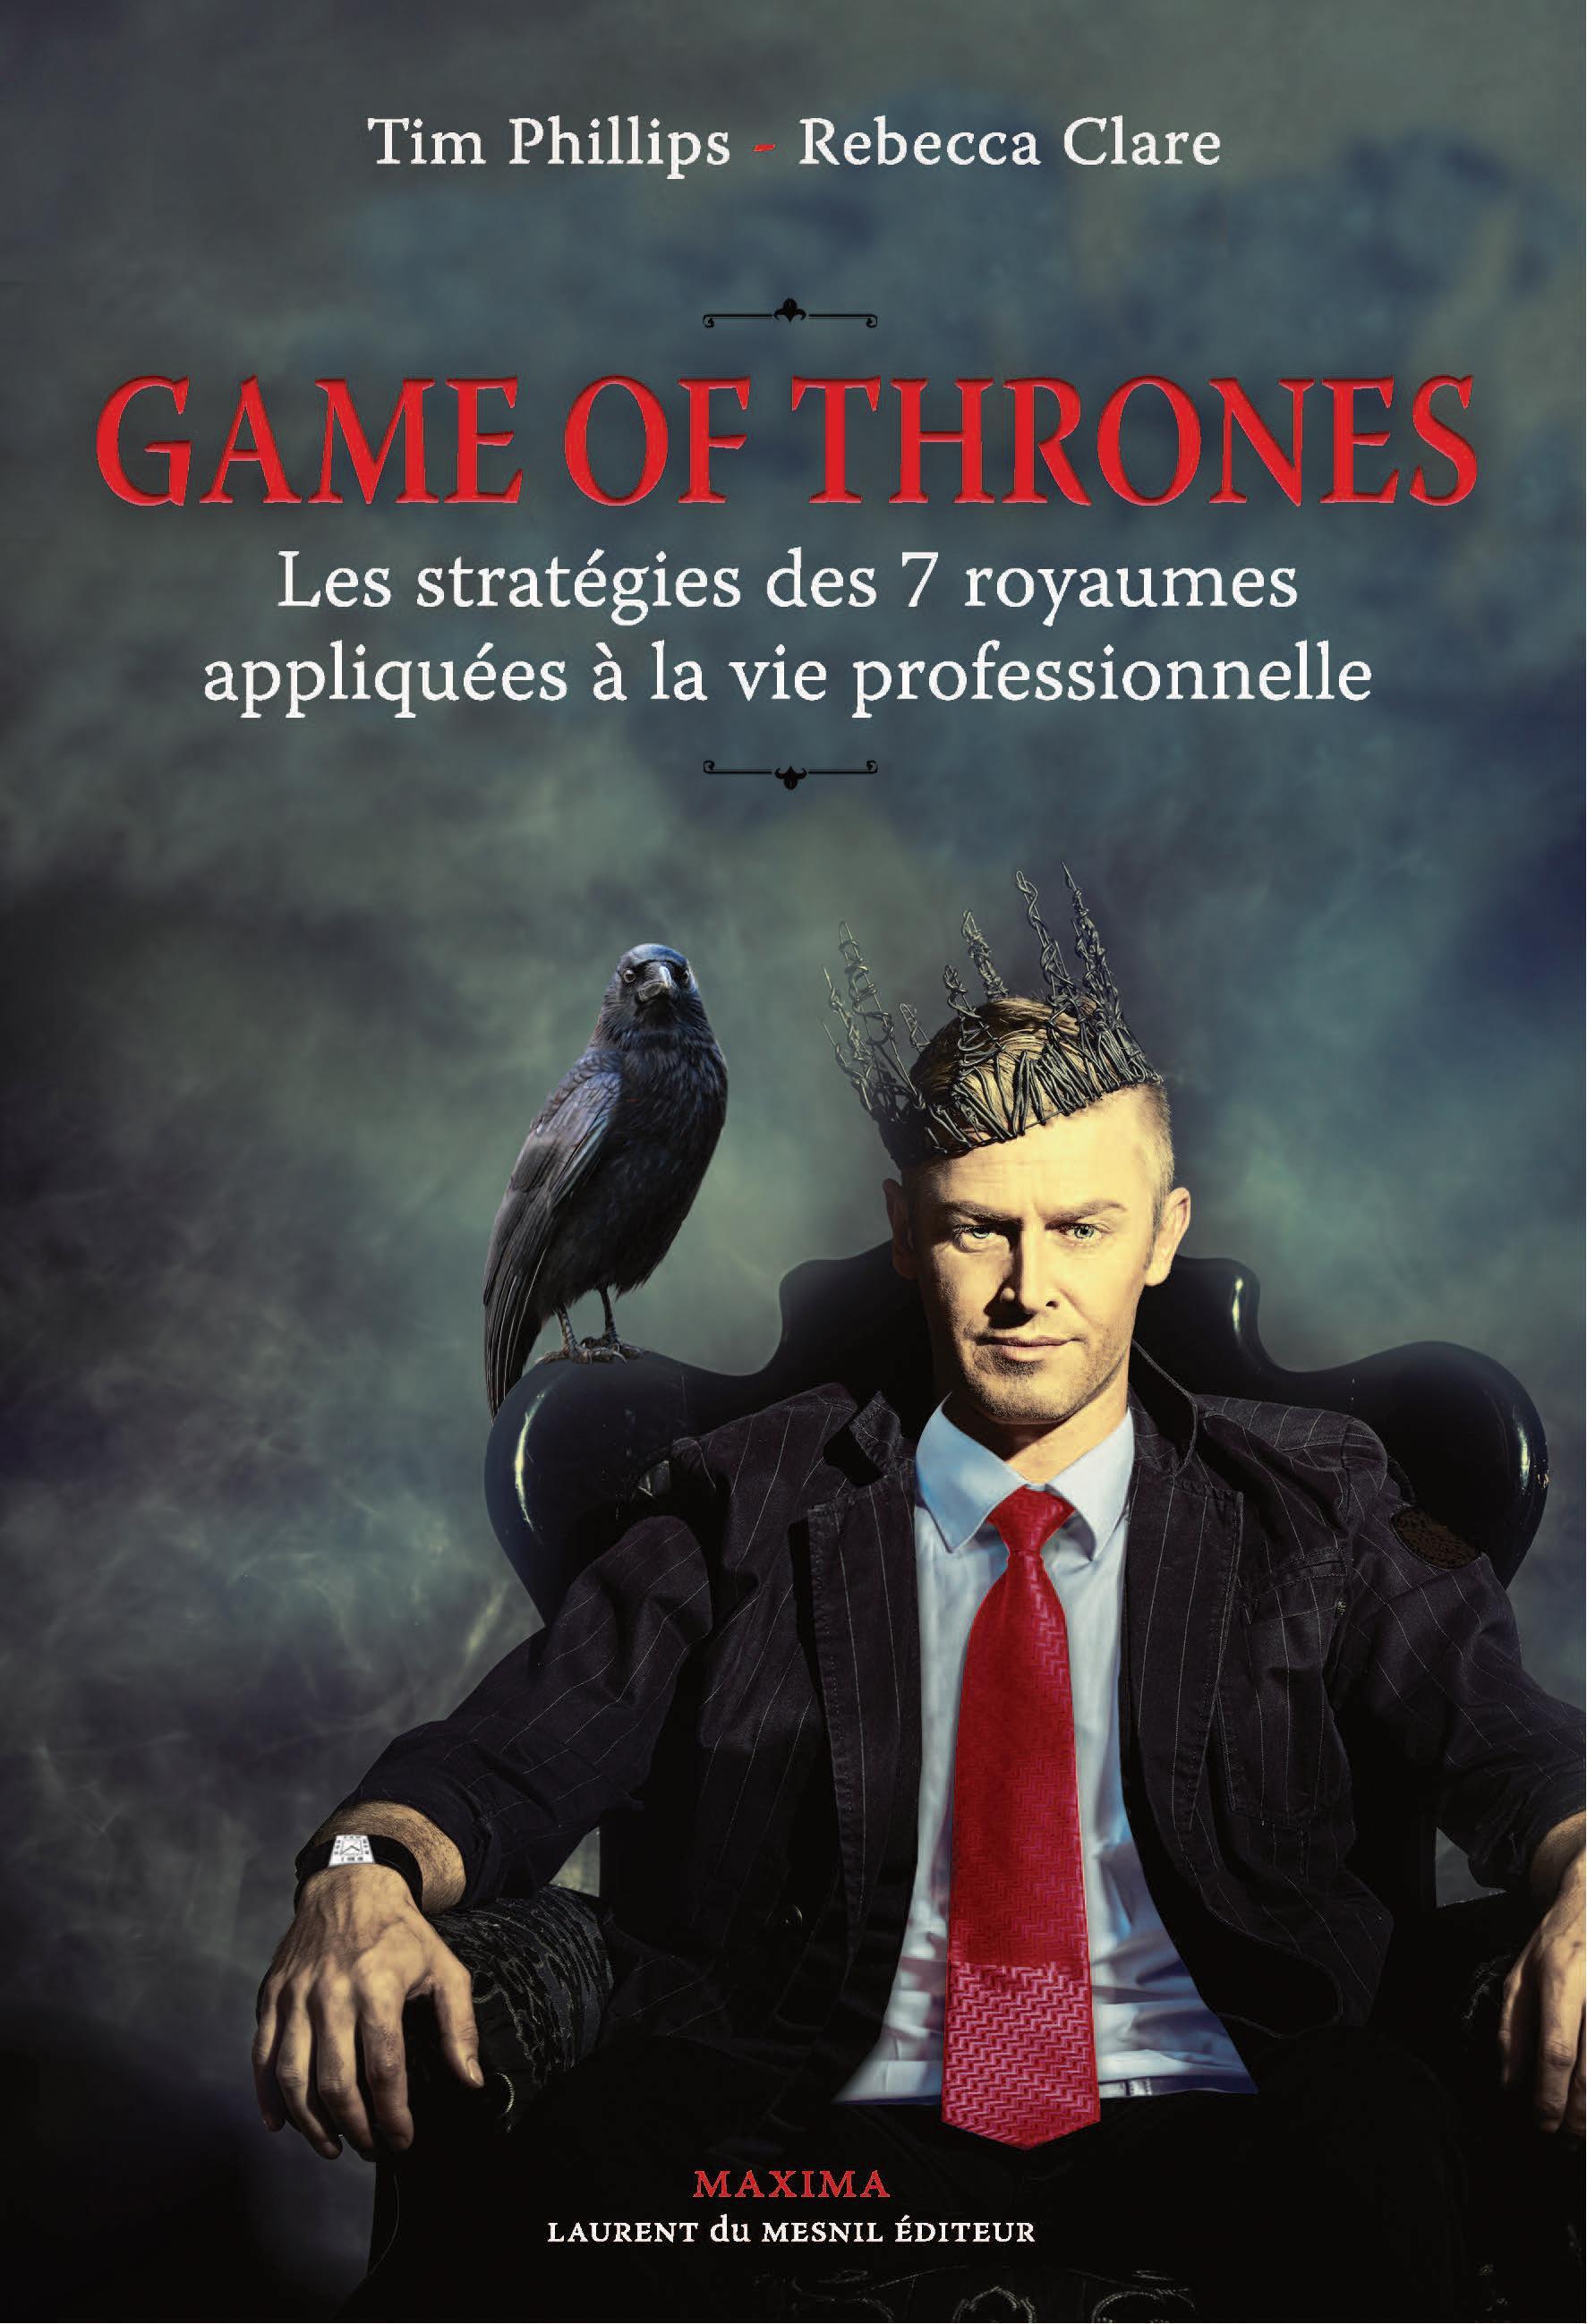 Game Of Thrones : les stratégies des 7 royaumes appliquées à la vie professionnelle